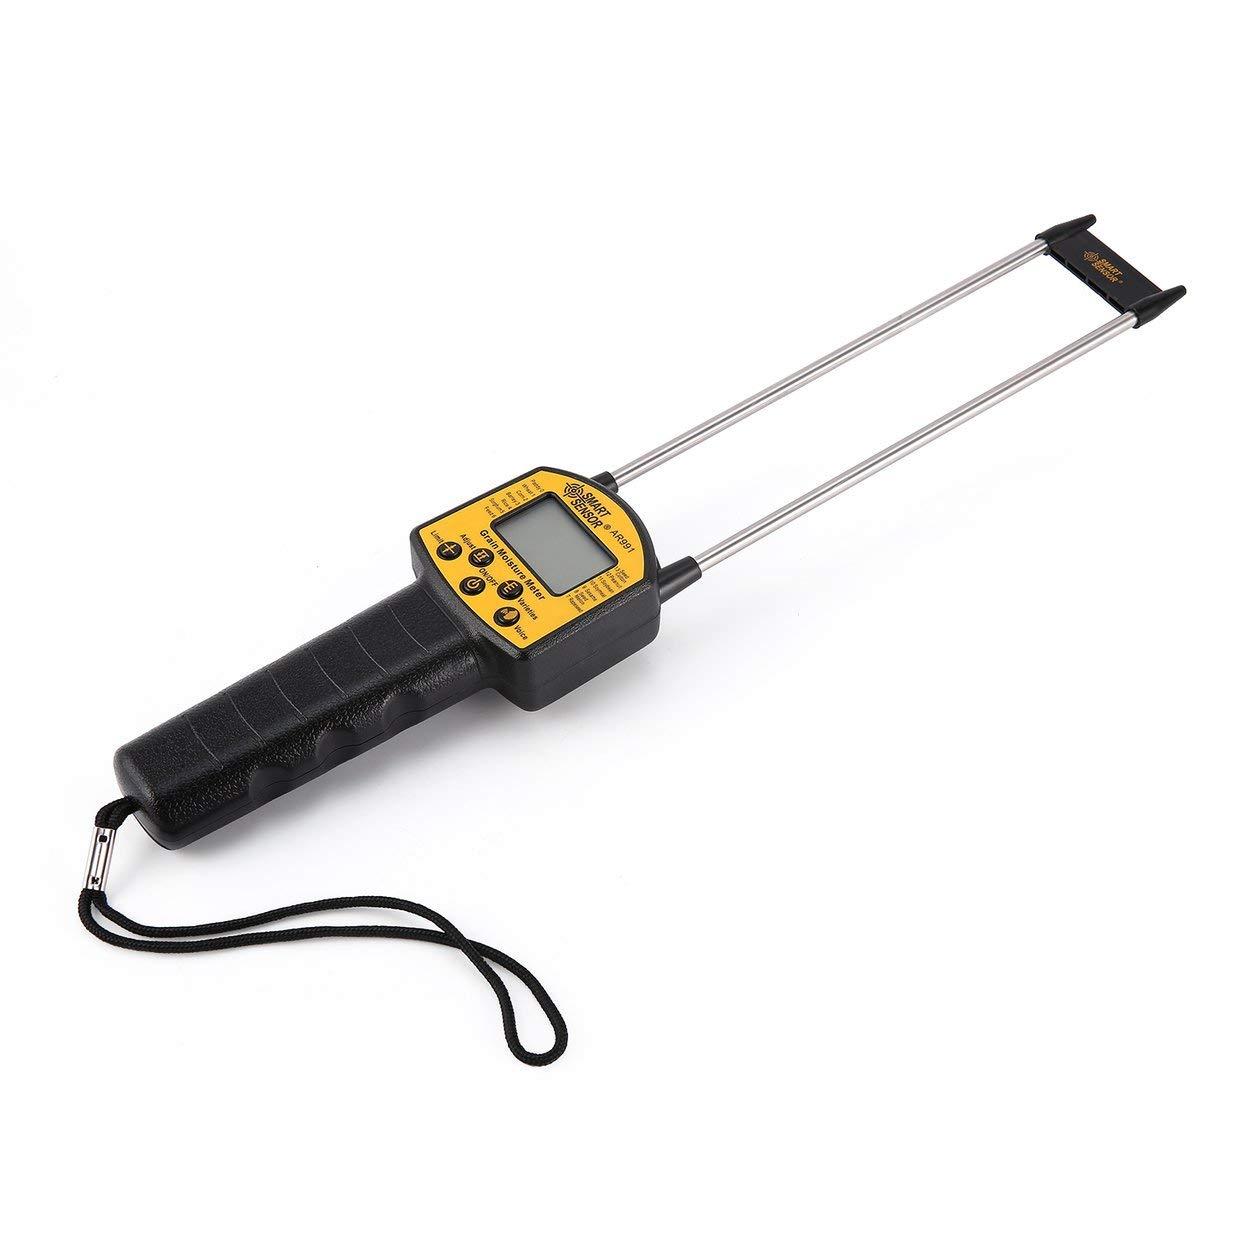 SMART SENSOR AR991 Analizador de humedad digital profesional para cereales Medidor de humedad Medidor de cereales con maíz, Yello y grano negro: Amazon.es: ...